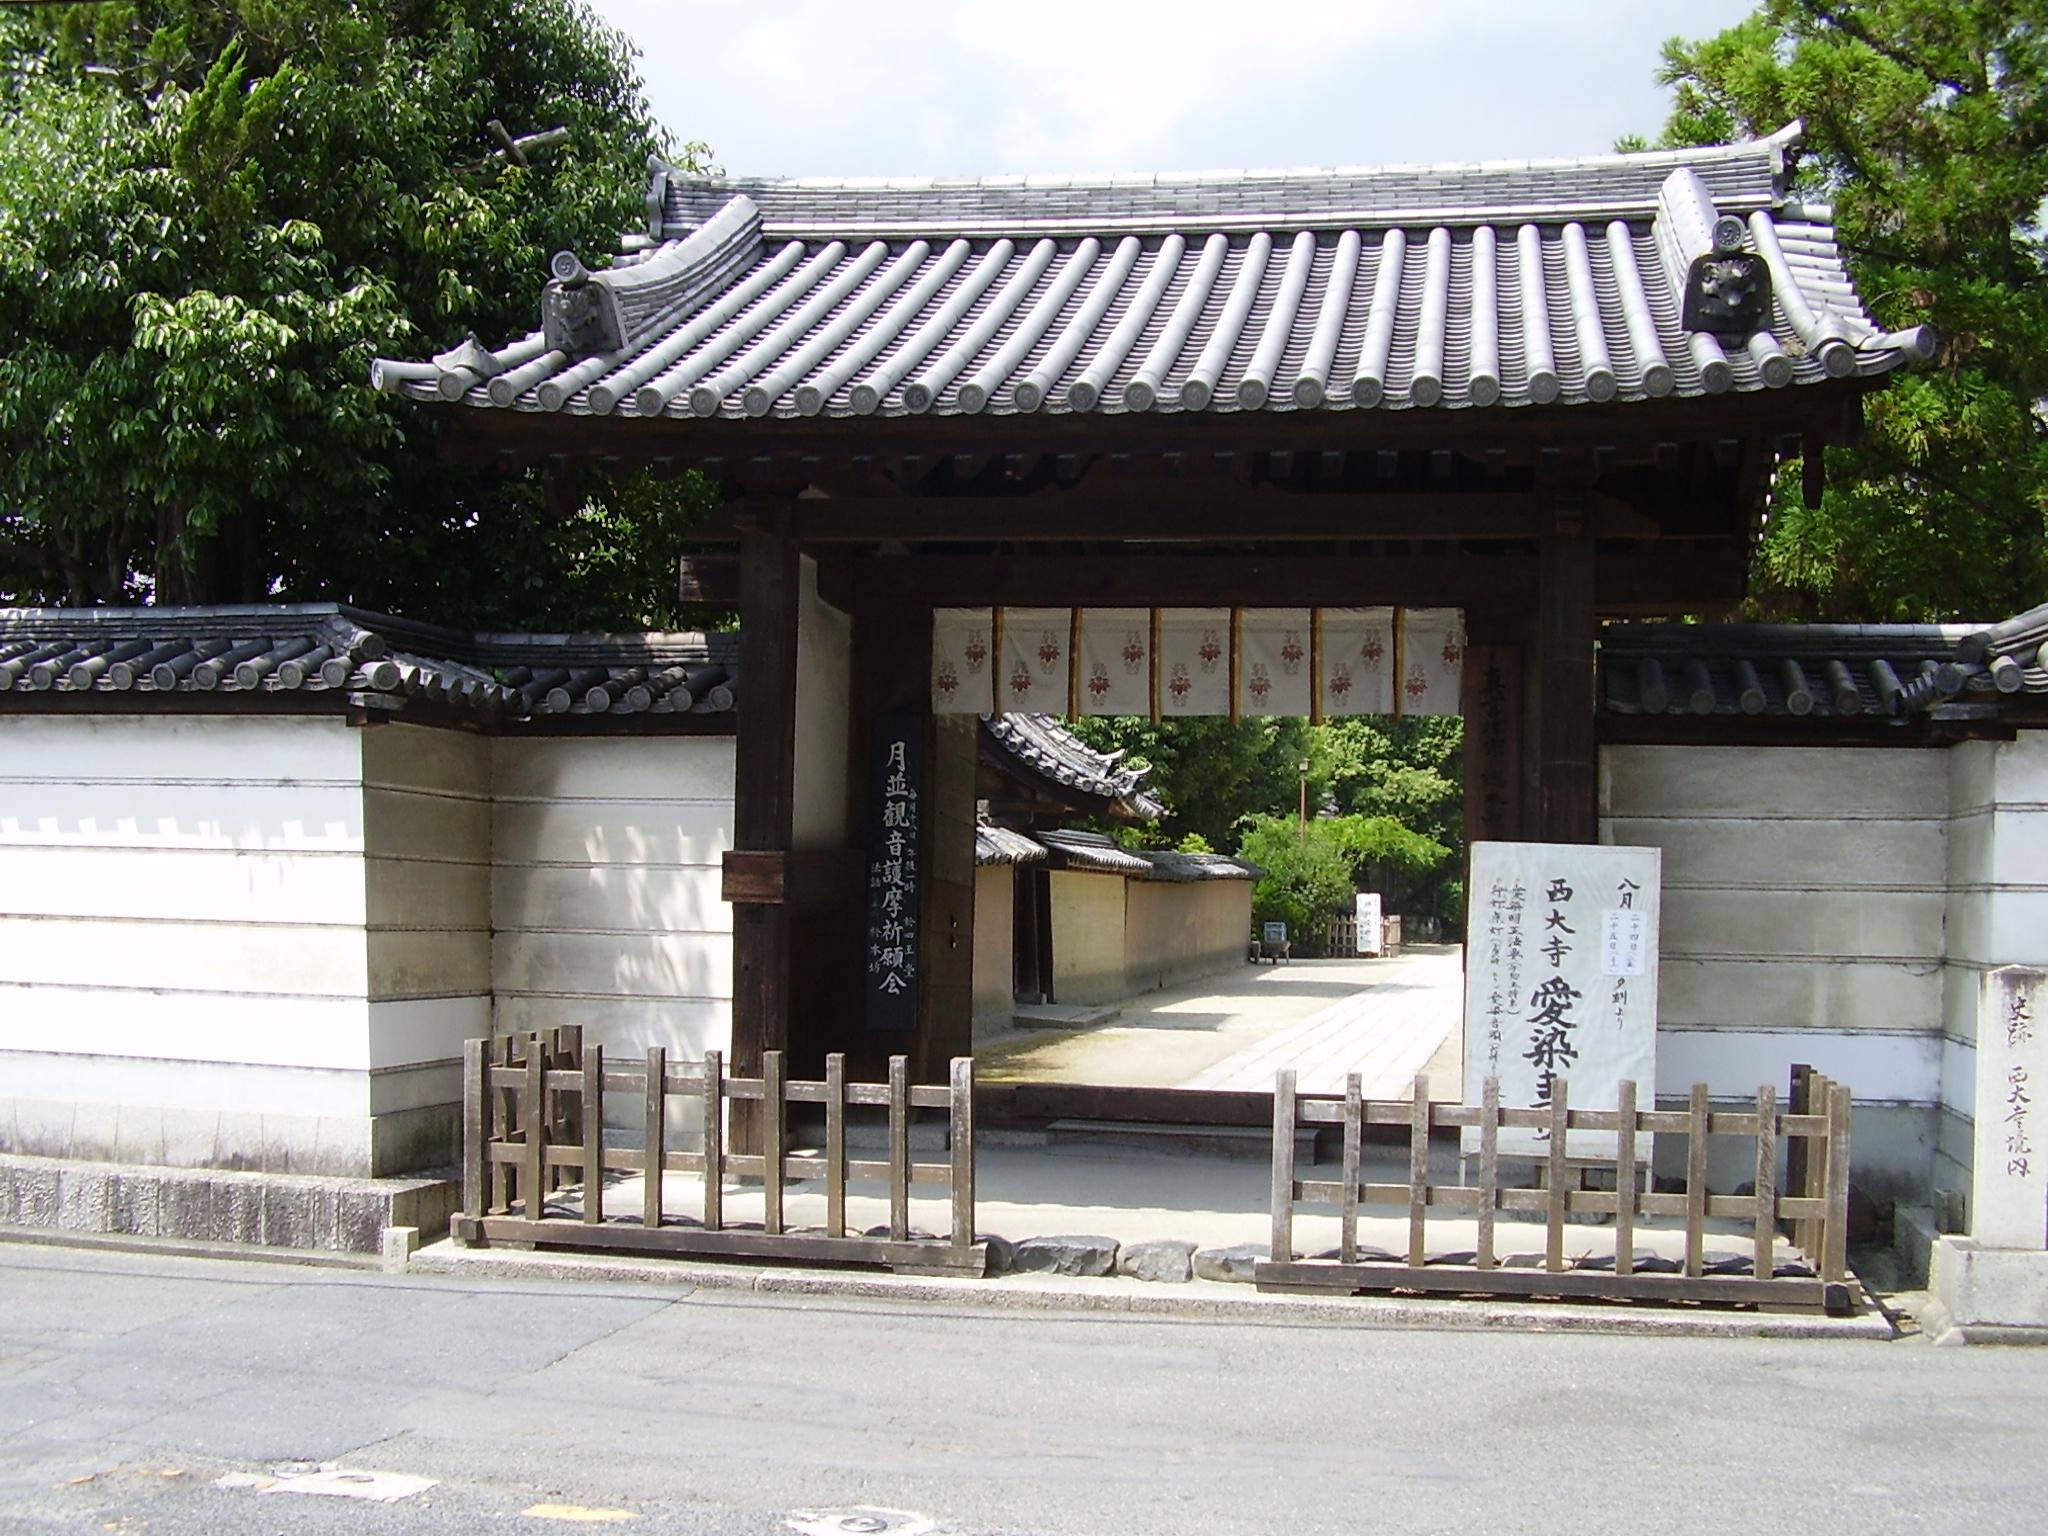 大和西大寺: 鉄道で旅行